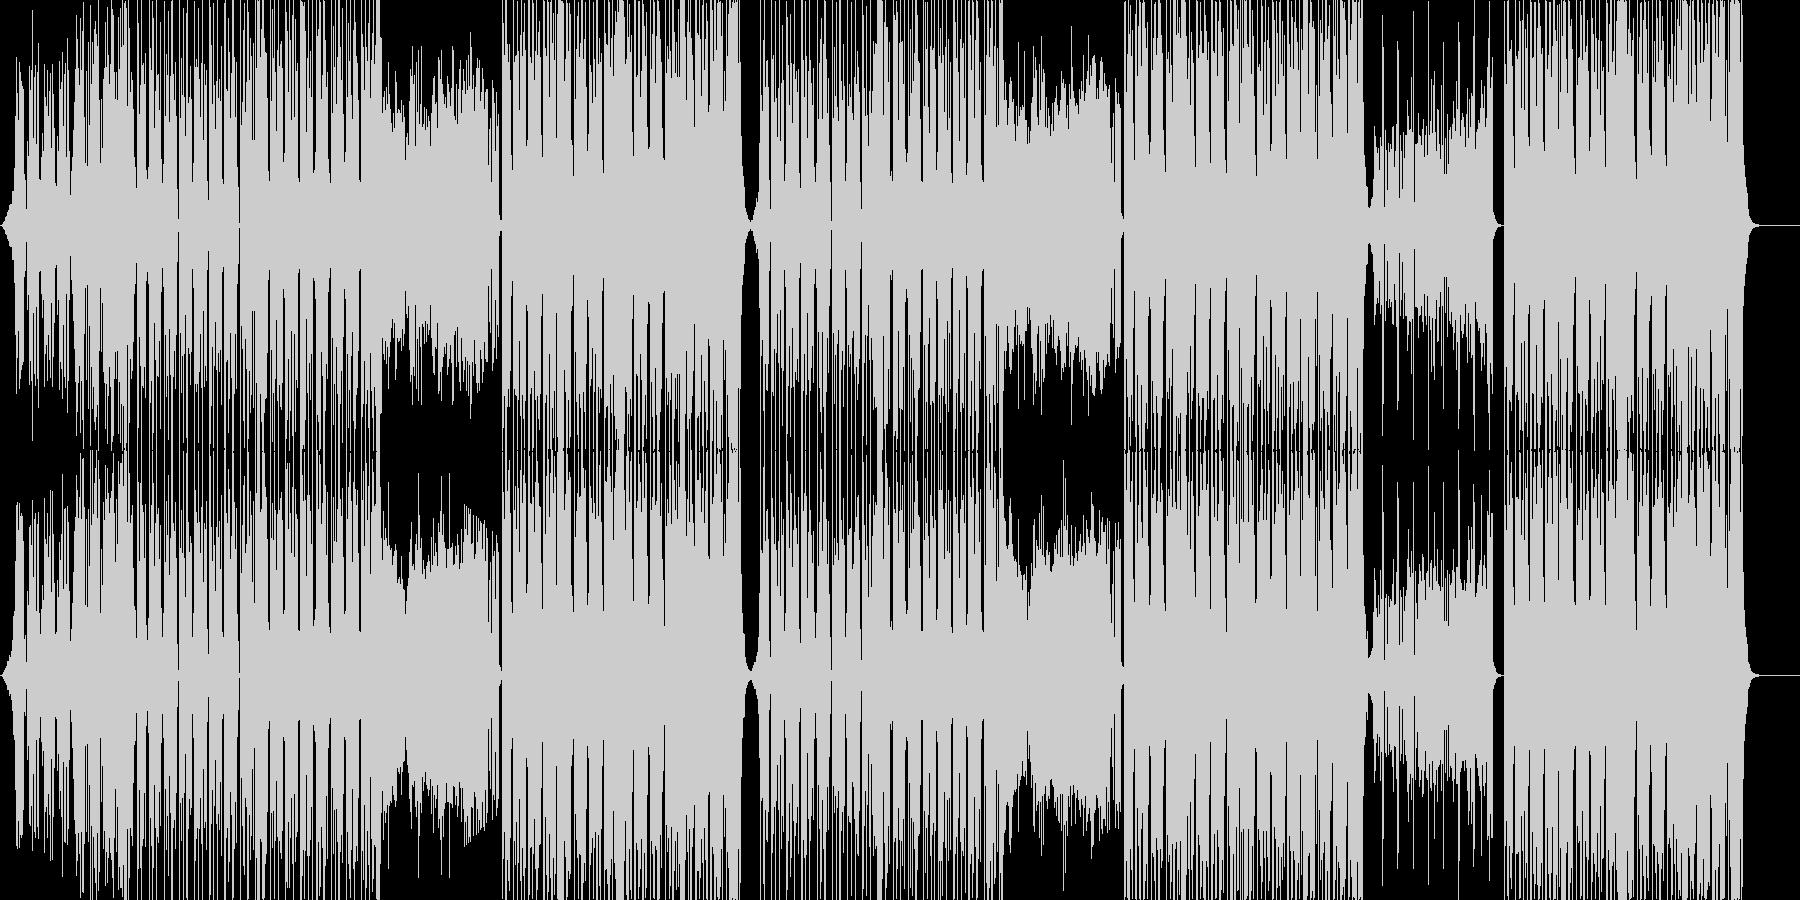 元気なポップEDM♬の未再生の波形